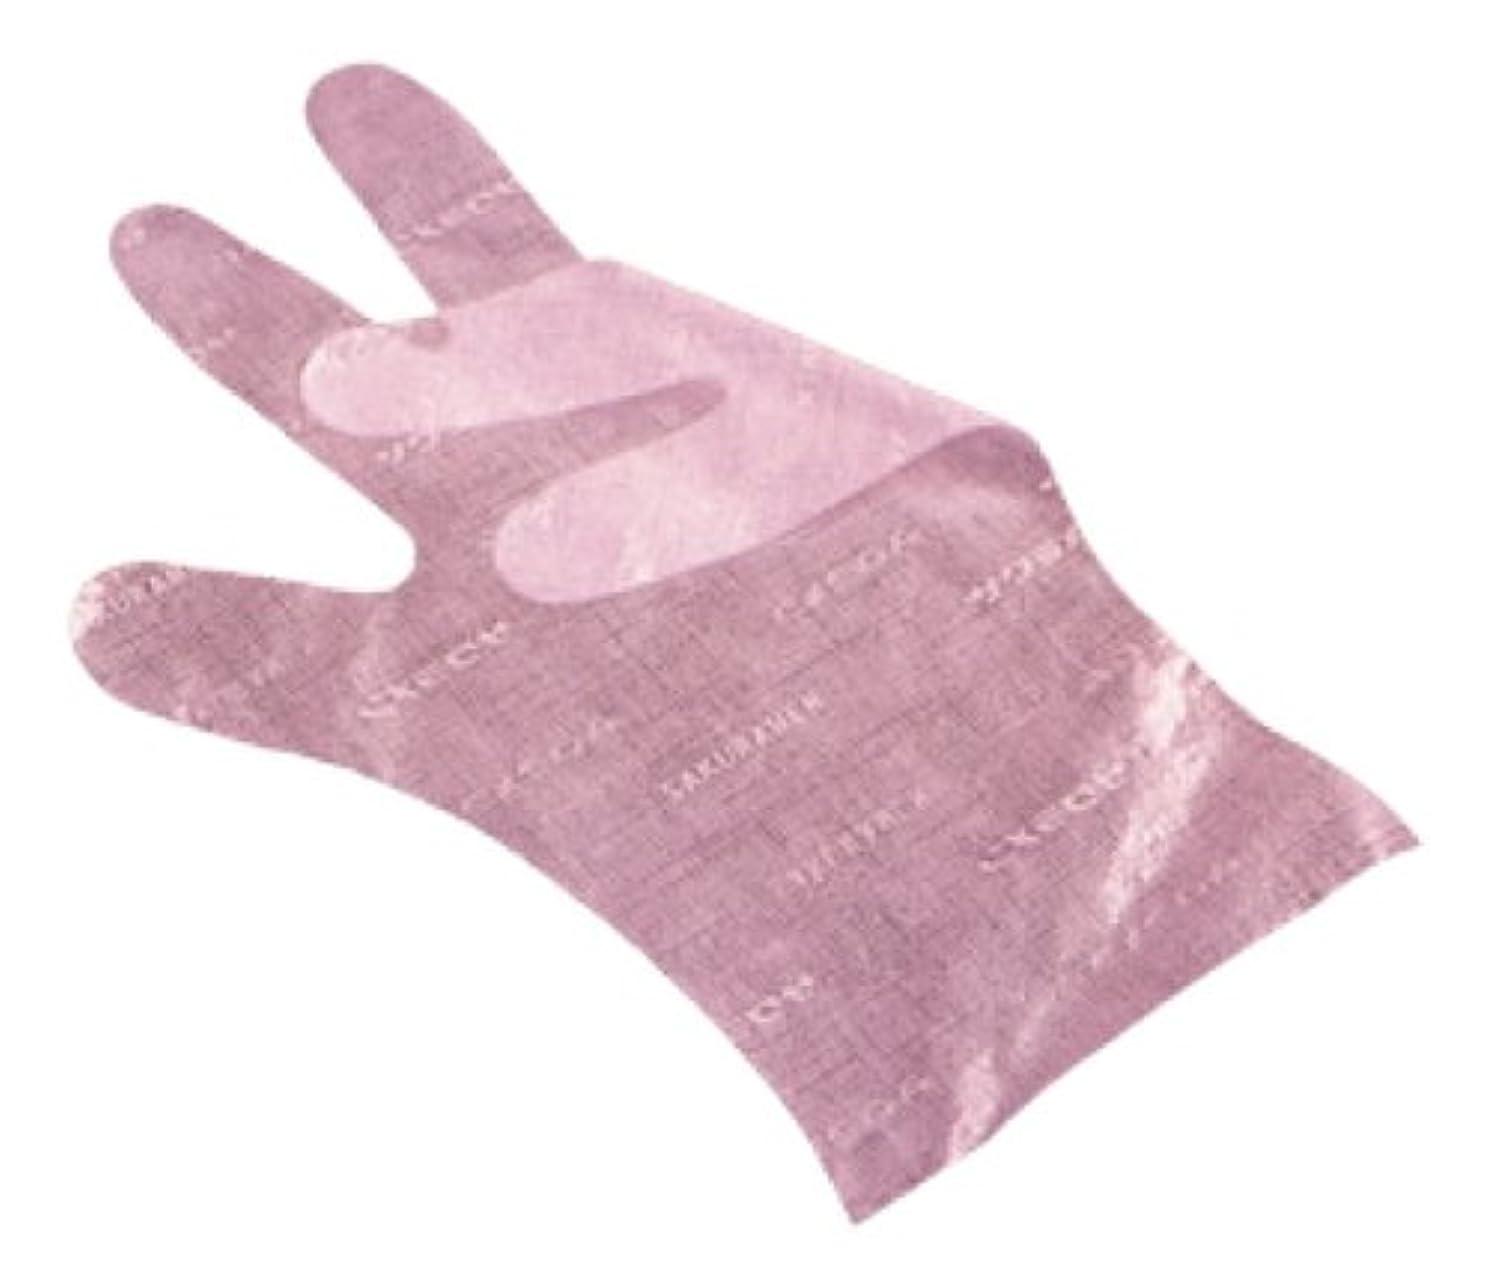 邪悪な前部ネクタイサクラメン手袋 デラックス(100枚入)S ピンク 35μ